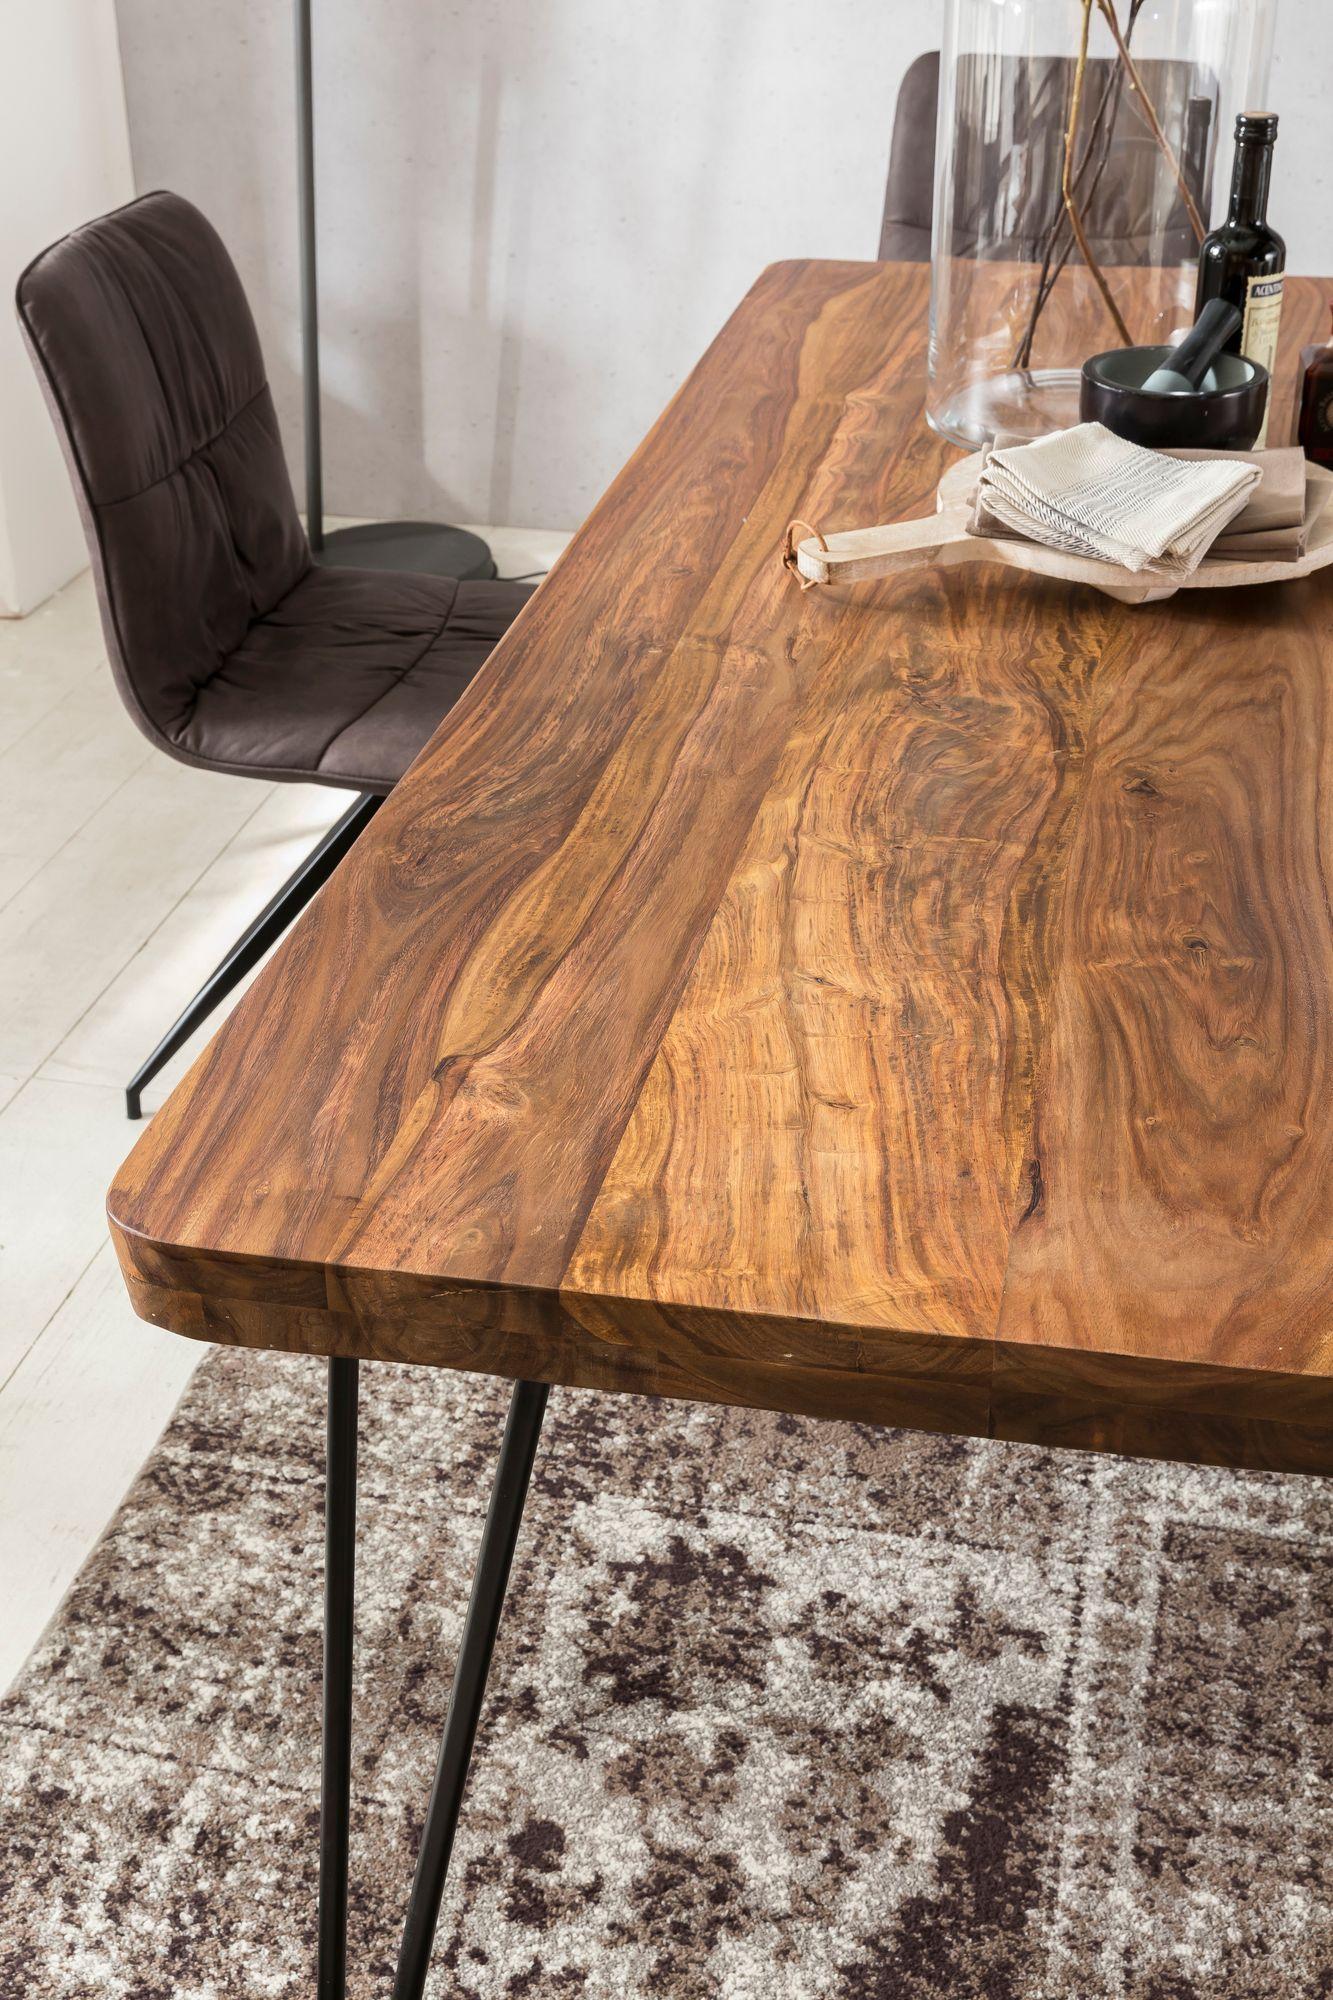 Elegant Massiver Esstisch HARLEM Sheesham Massiv Holz | Esszimmertisch Massivholz  Mit Design Metall Beinen | Holztisch Tisch